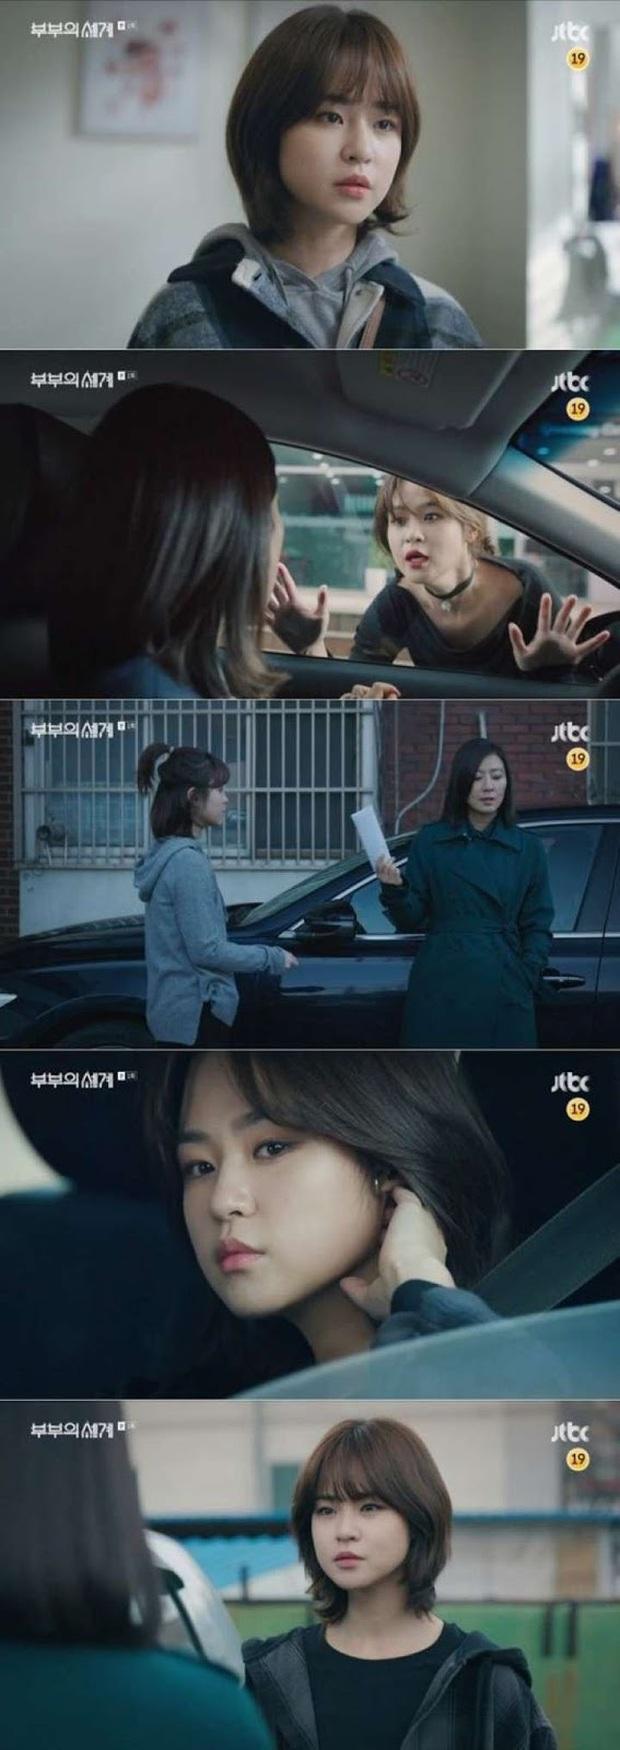 Lí giải 5 sức hút của Thế Giới Hôn Nhân - drama giật chồng 19+ hot nhất hiện nay: Toàn nhân vật hay ho, không vô lí như Tầng Lớp Itaewon! - Ảnh 11.